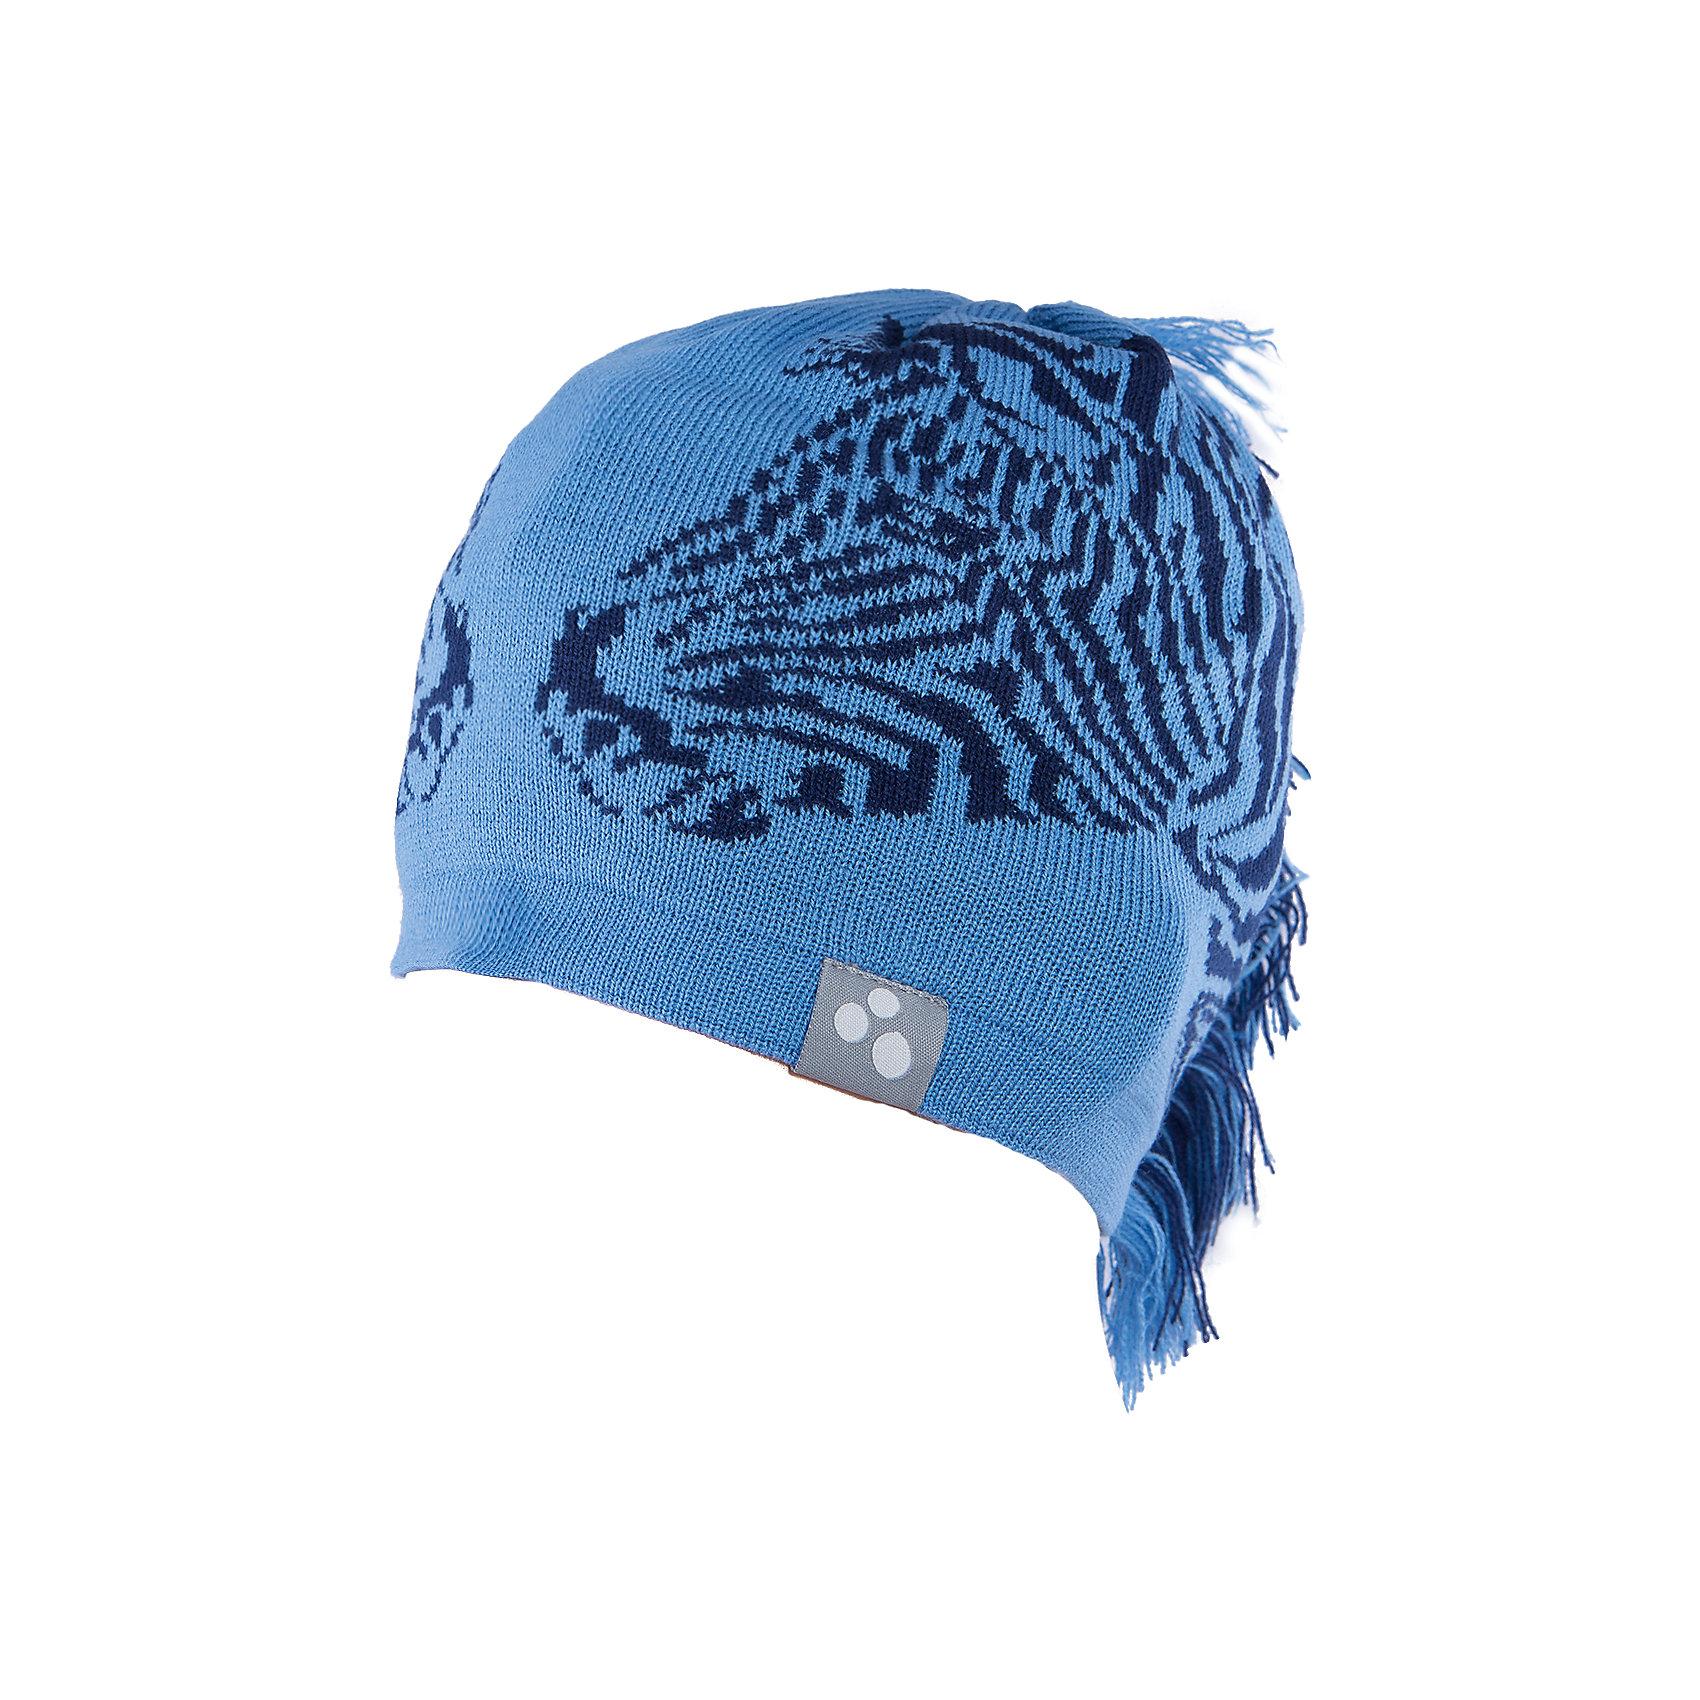 Шапка Zebra HuppaНеобычная зимняя шапка Zebra от Huppa(хуппа) непременно удивит и понравится ребенку и окружающим. Шапка изготовлена из шерсти и акрила, с подкладкой из хлопка, имеет 2 завязки. Оригинальный дизайн с зеброй и хвостиком идеально подойдут для ребенка.<br><br>Дополнительная информация:<br>Цвет: синий/черный<br>Материал: 50% мериносовая шерсть, 50% акрил<br><br><br>Шапку Huppa(хуппа) вы можете купить в нашем интернет-магазине.<br><br>Ширина мм: 89<br>Глубина мм: 117<br>Высота мм: 44<br>Вес г: 155<br>Цвет: синий<br>Возраст от месяцев: 12<br>Возраст до месяцев: 24<br>Пол: Мужской<br>Возраст: Детский<br>Размер: 47-49,55-57,51-53<br>SKU: 4923493